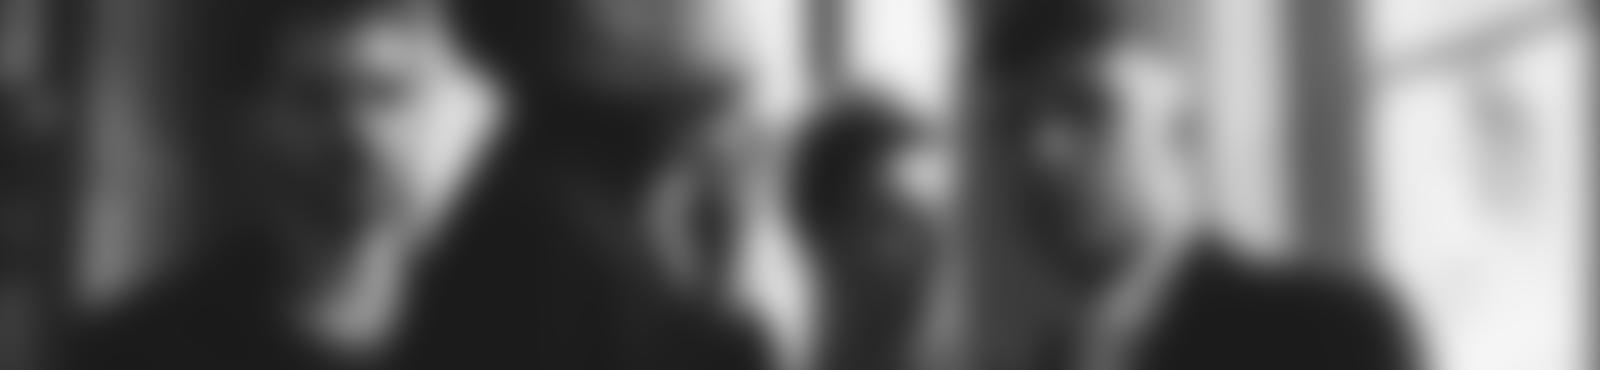 Blurred 56fbfa21 4768 4a1d 9b2e b17b04f8a221